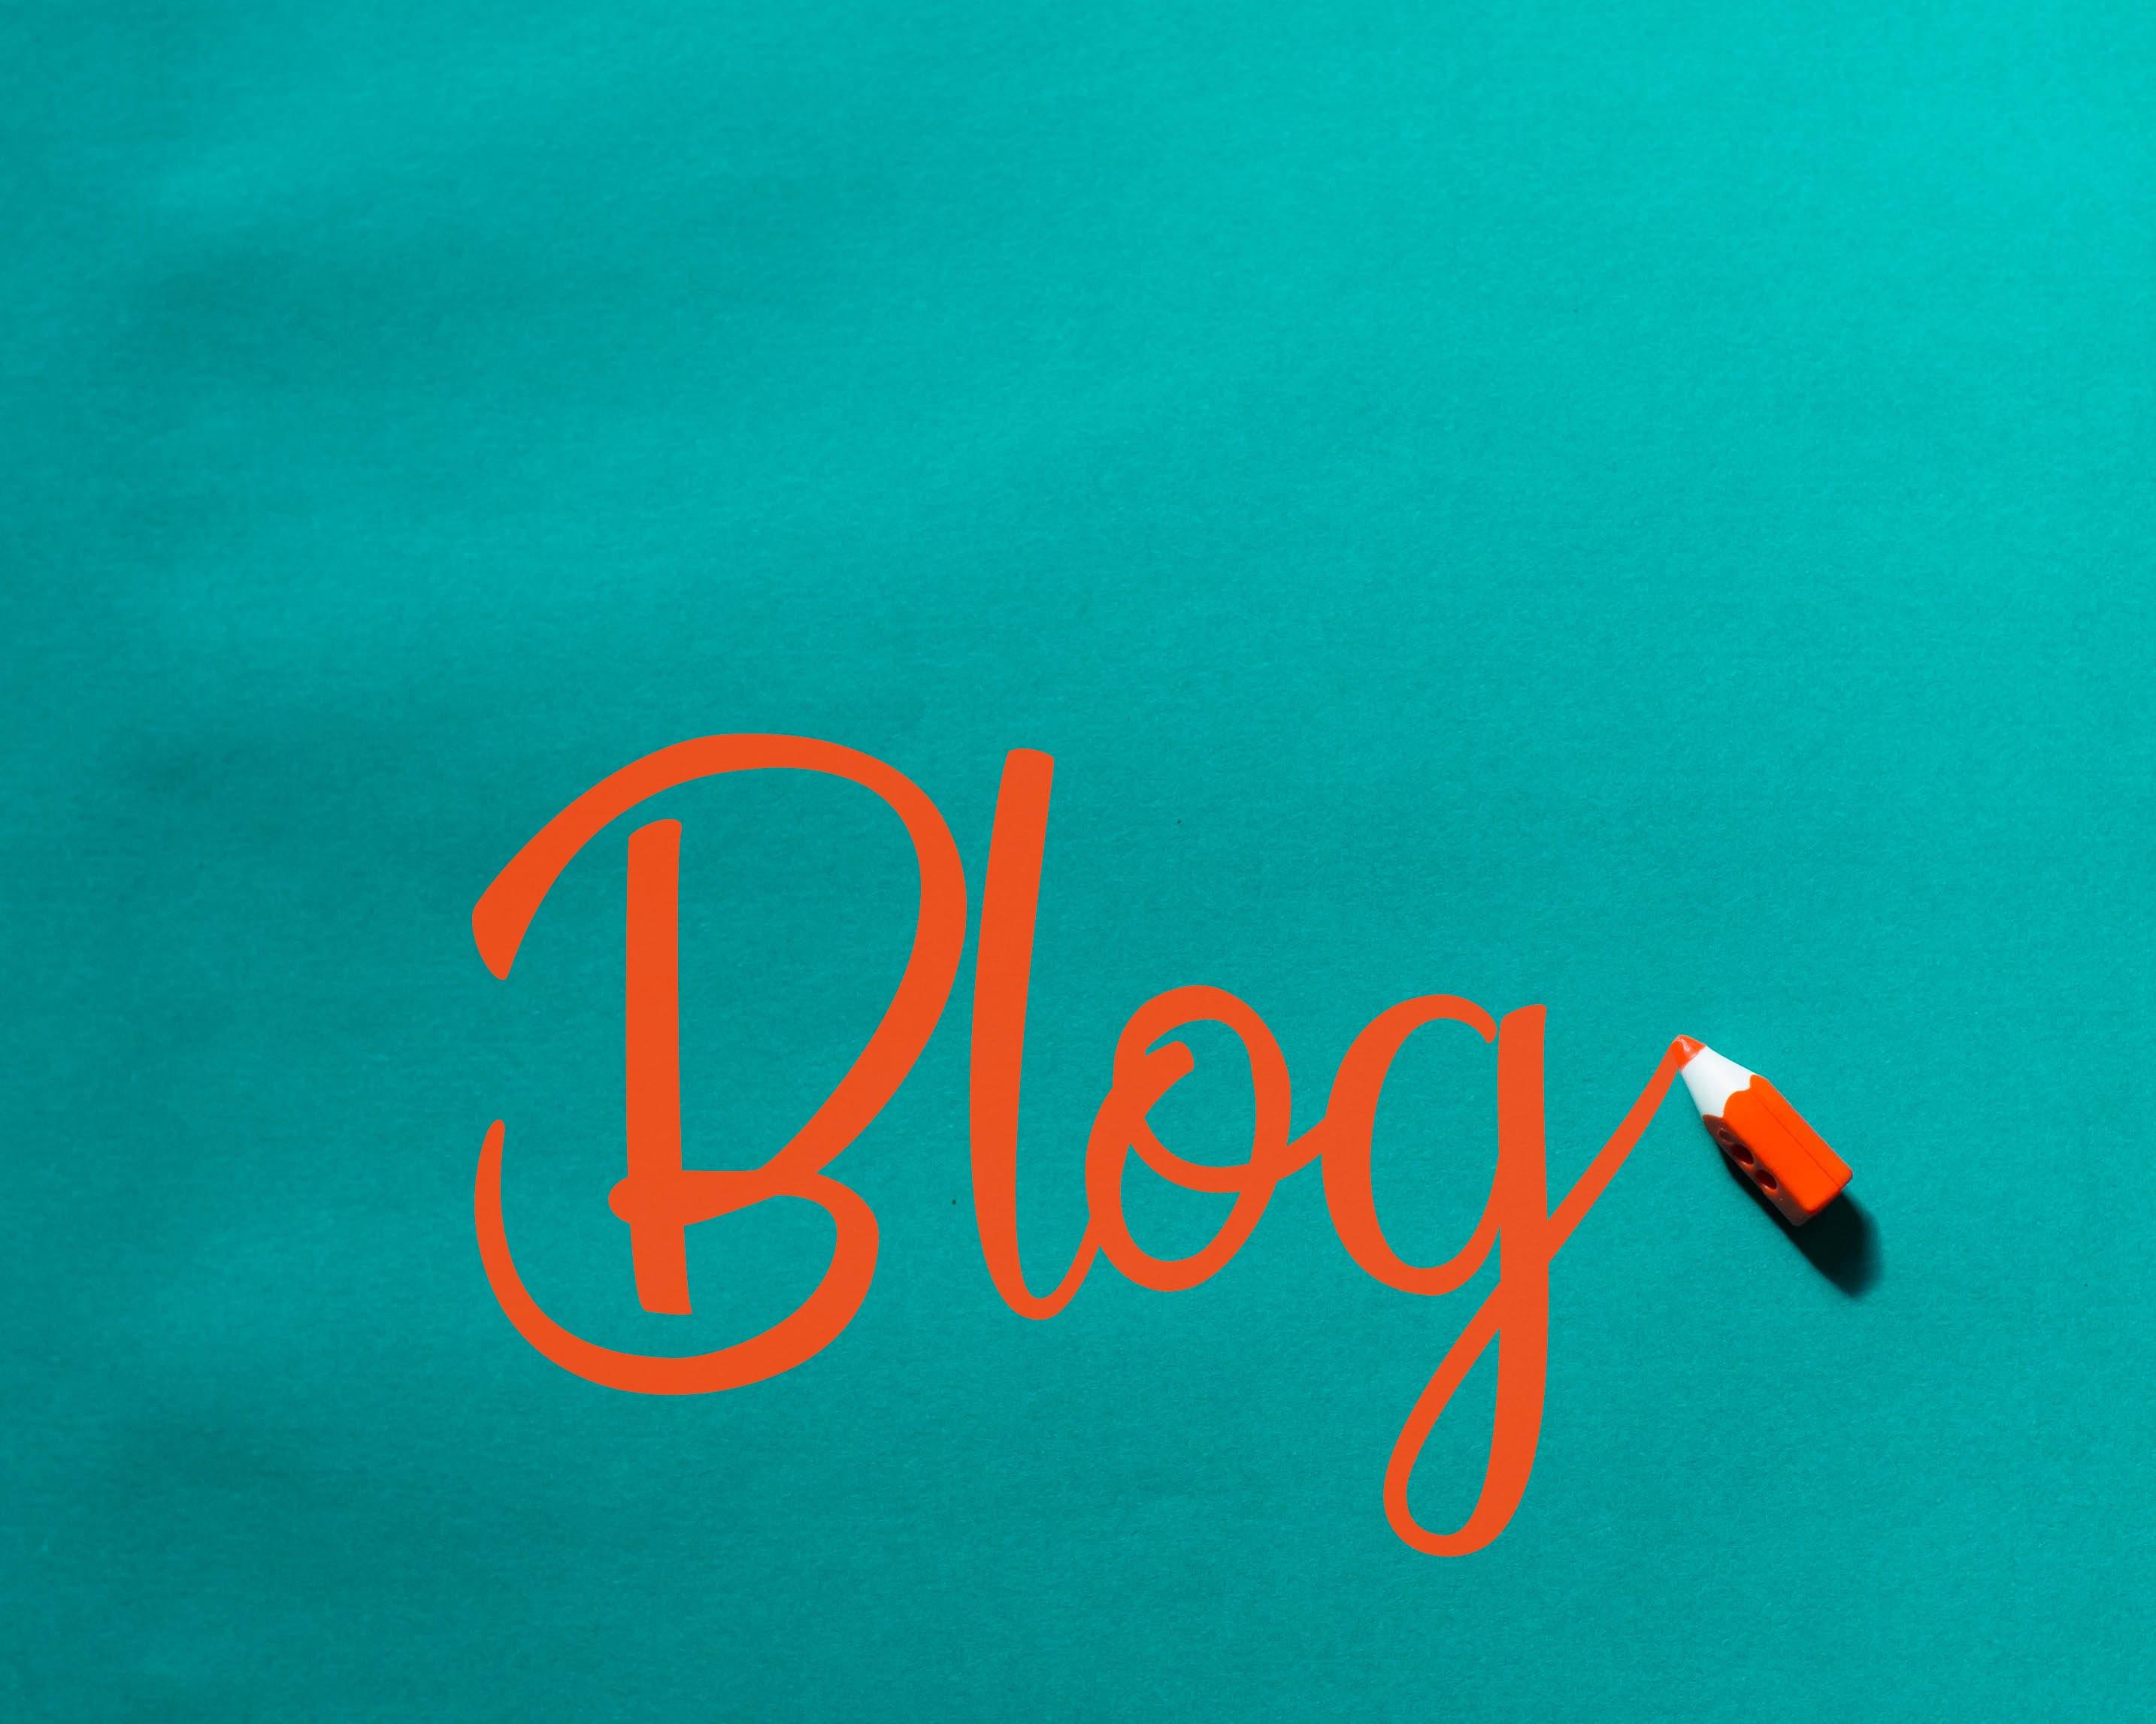 Blue background with ''Blog' written in orange